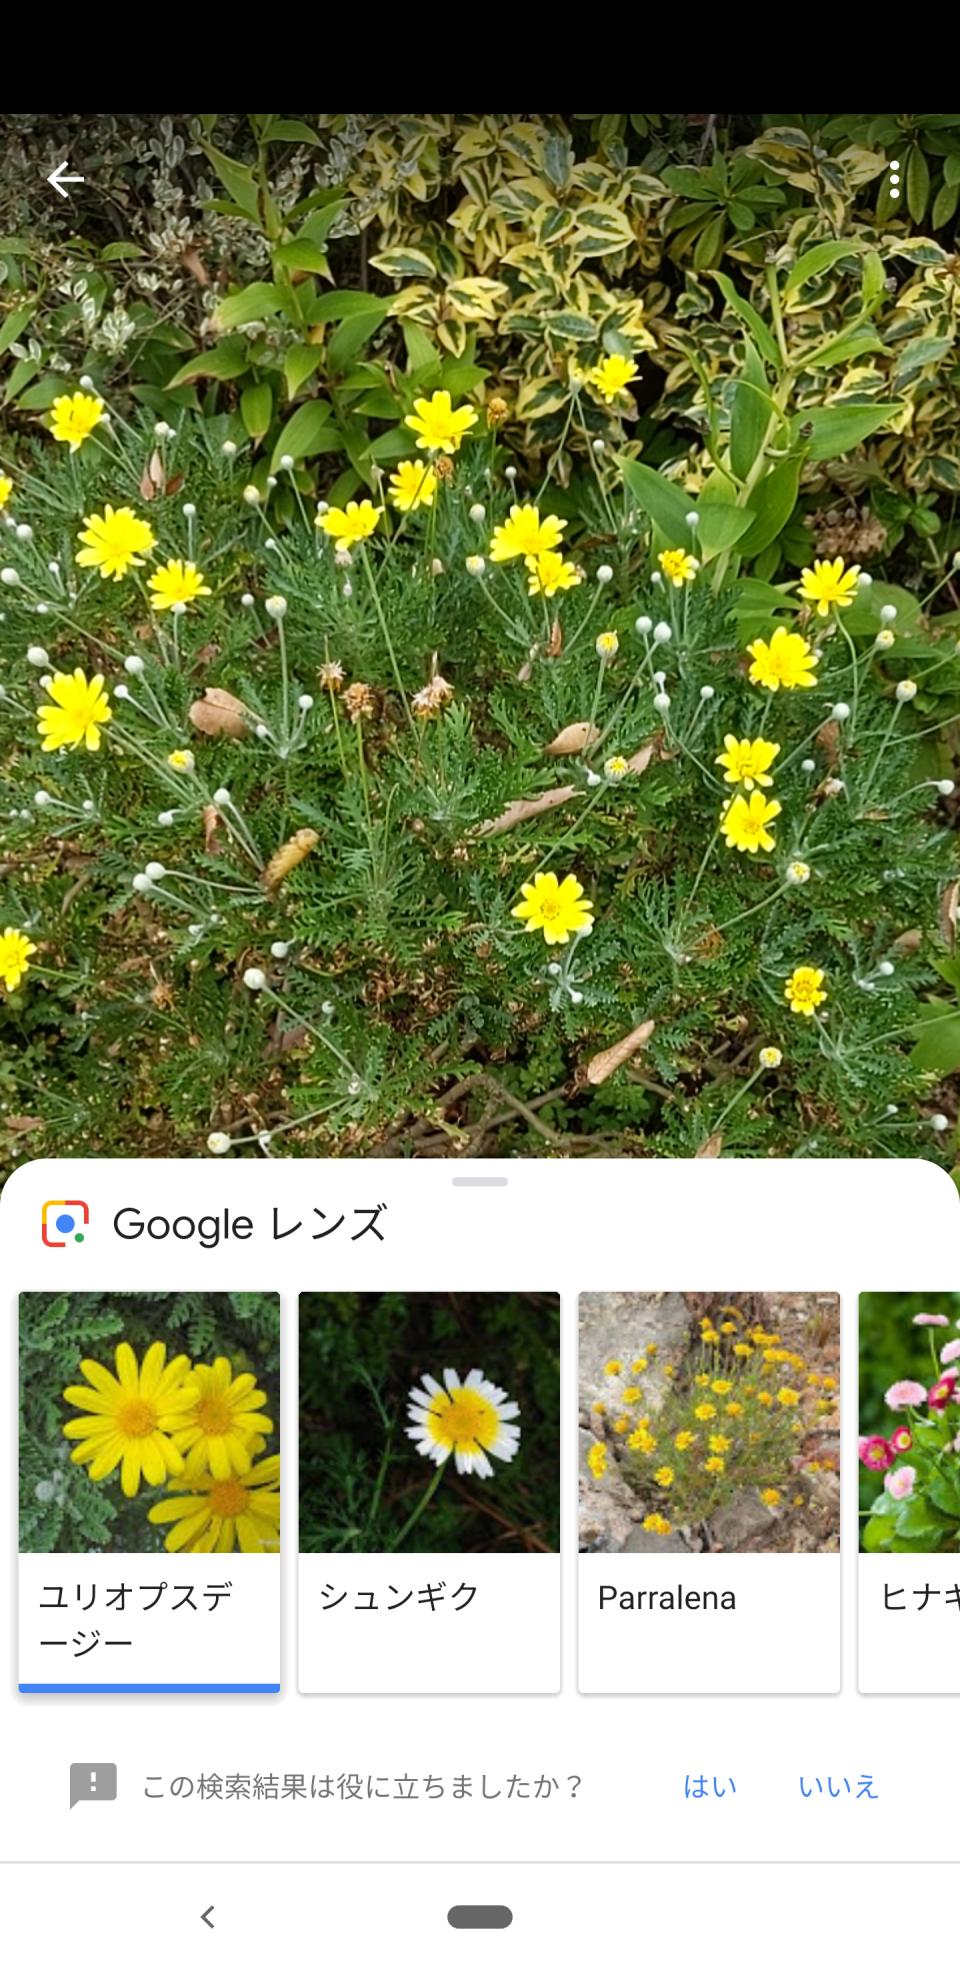 西田宗千佳のトレンドノート:最新スマホの「カメラ」が示す、「スマホの先にある未来」 6番目の画像